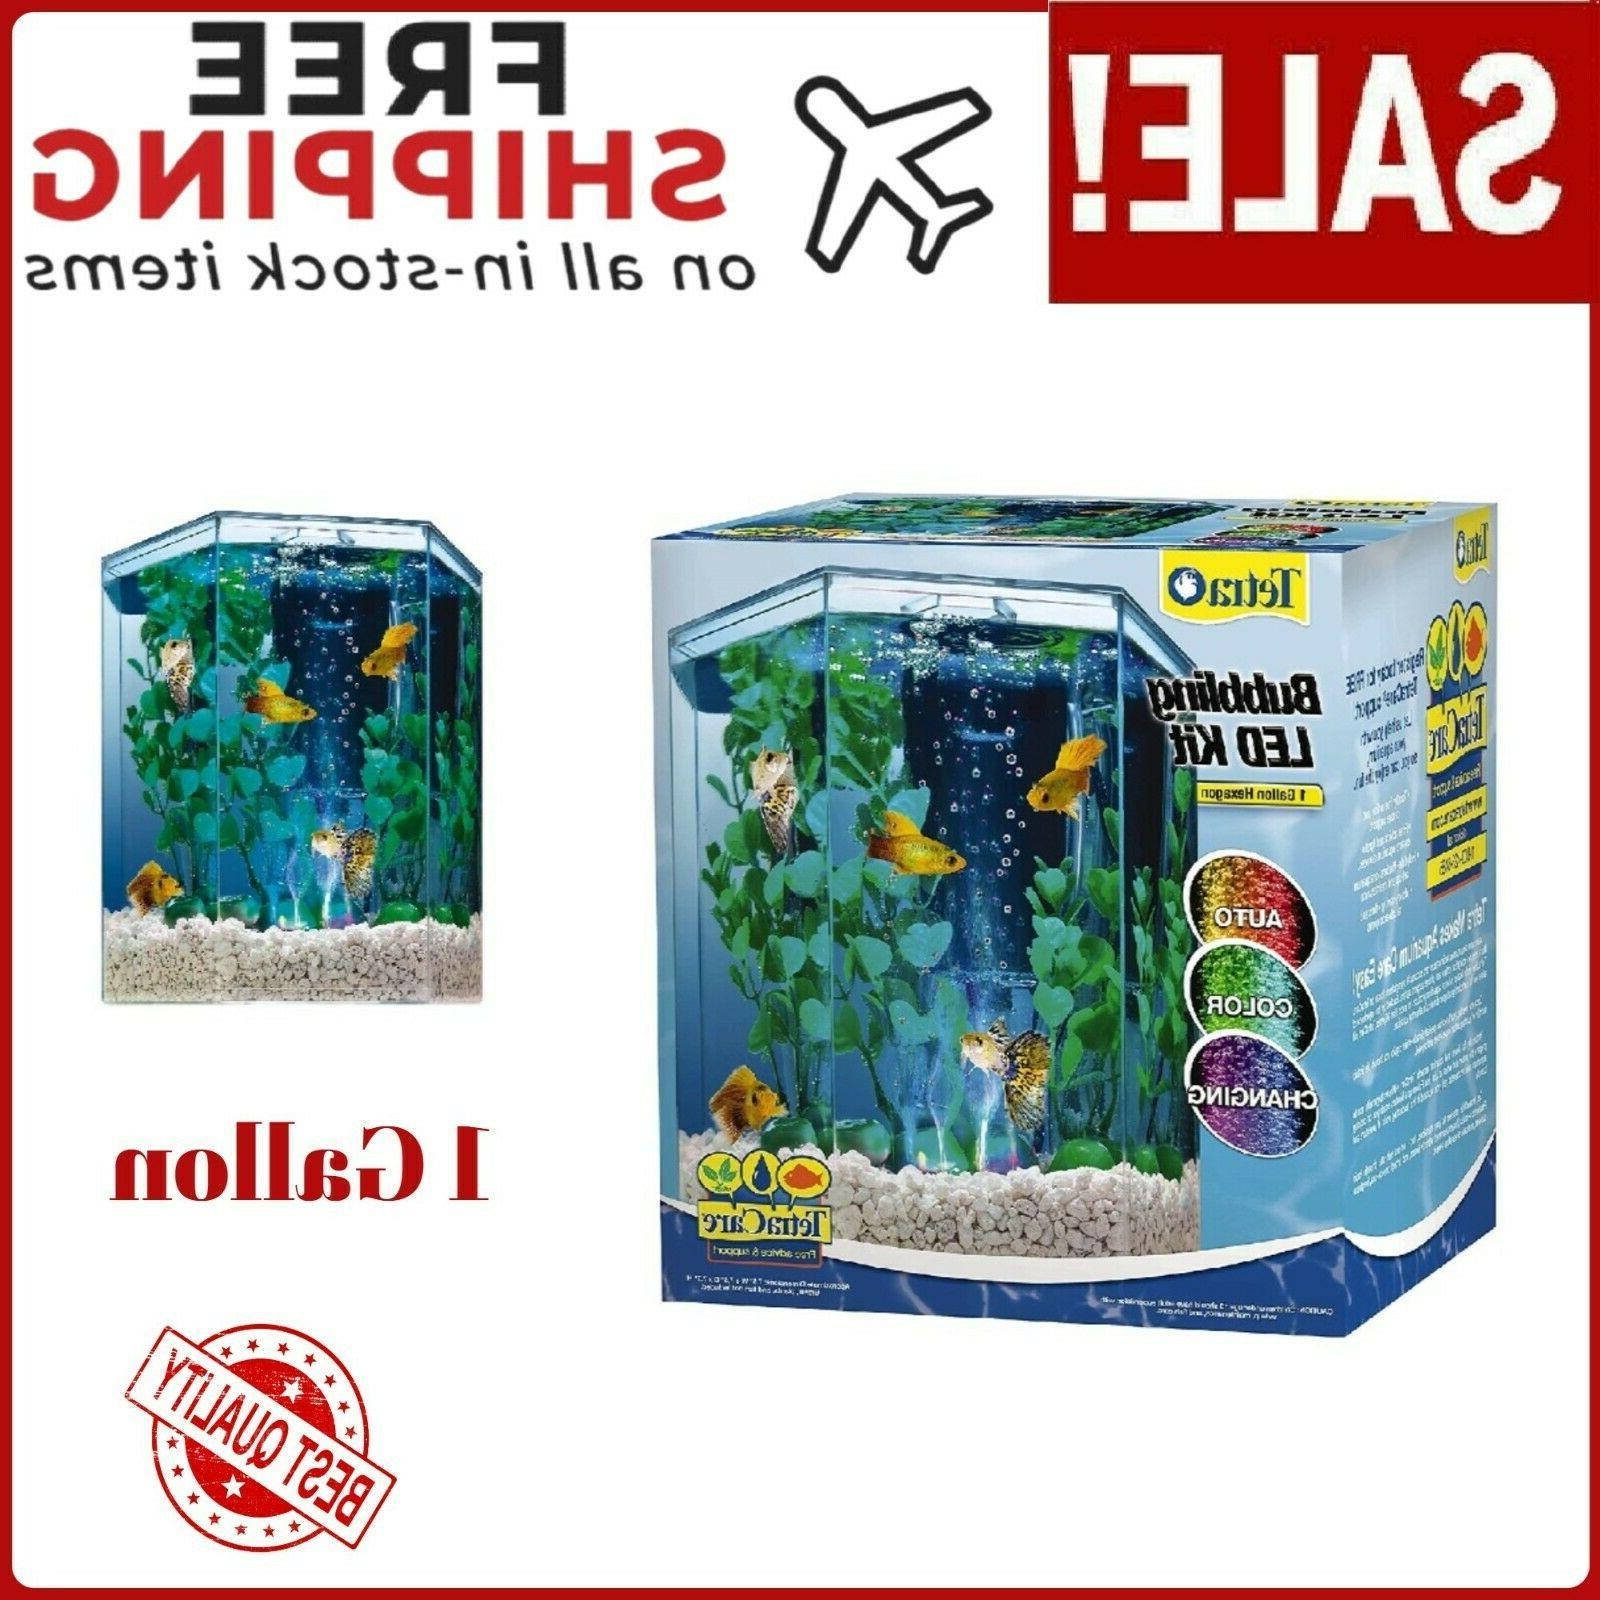 5 gallon portrait glass led aquarium w